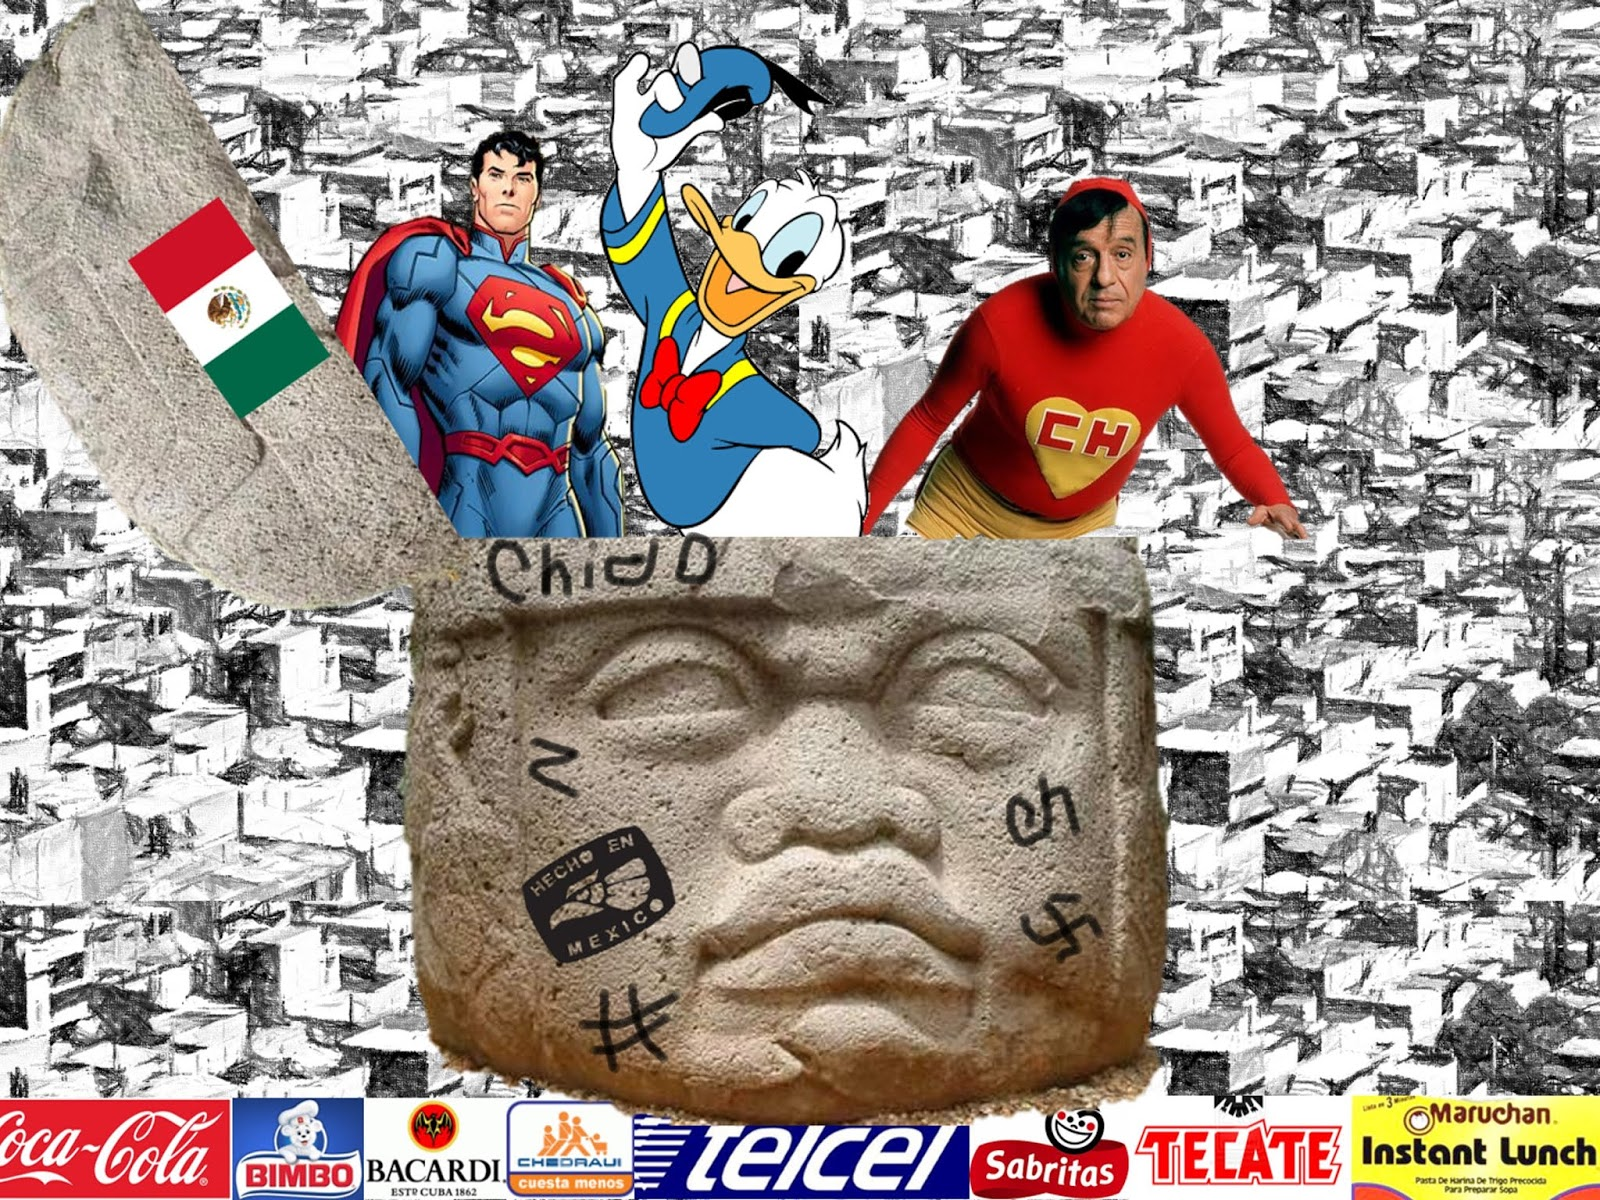 La memoria histórica y la identidad cultural ancestral como el más vital de los derechos humanos